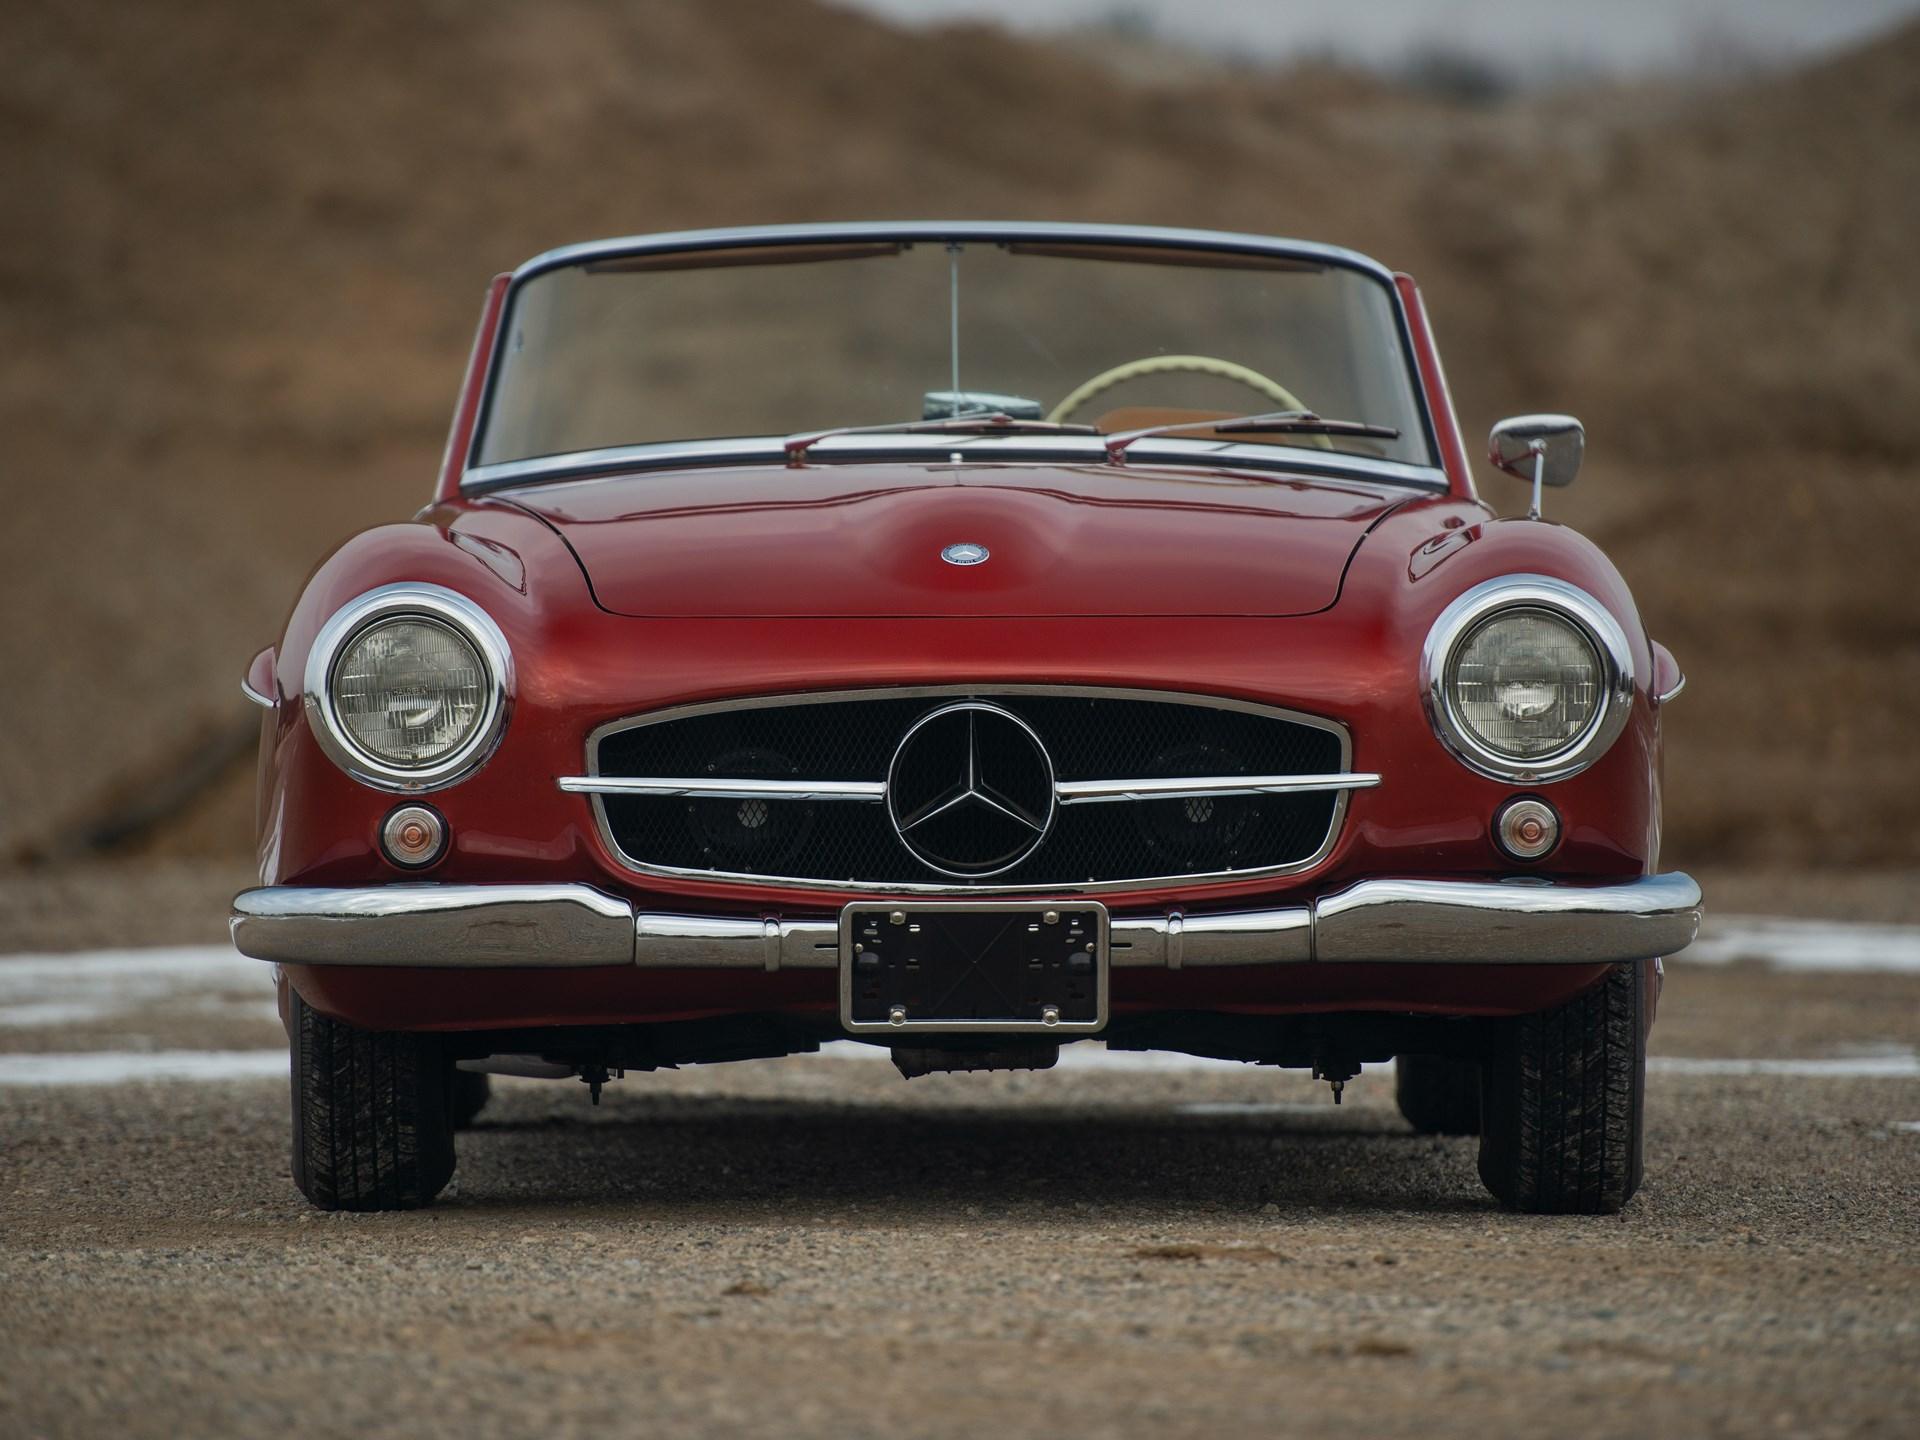 Groovy Rm Sothebys 1959 Mercedes Benz 190 Sl Arizona 2019 Wiring Digital Resources Millslowmaporg